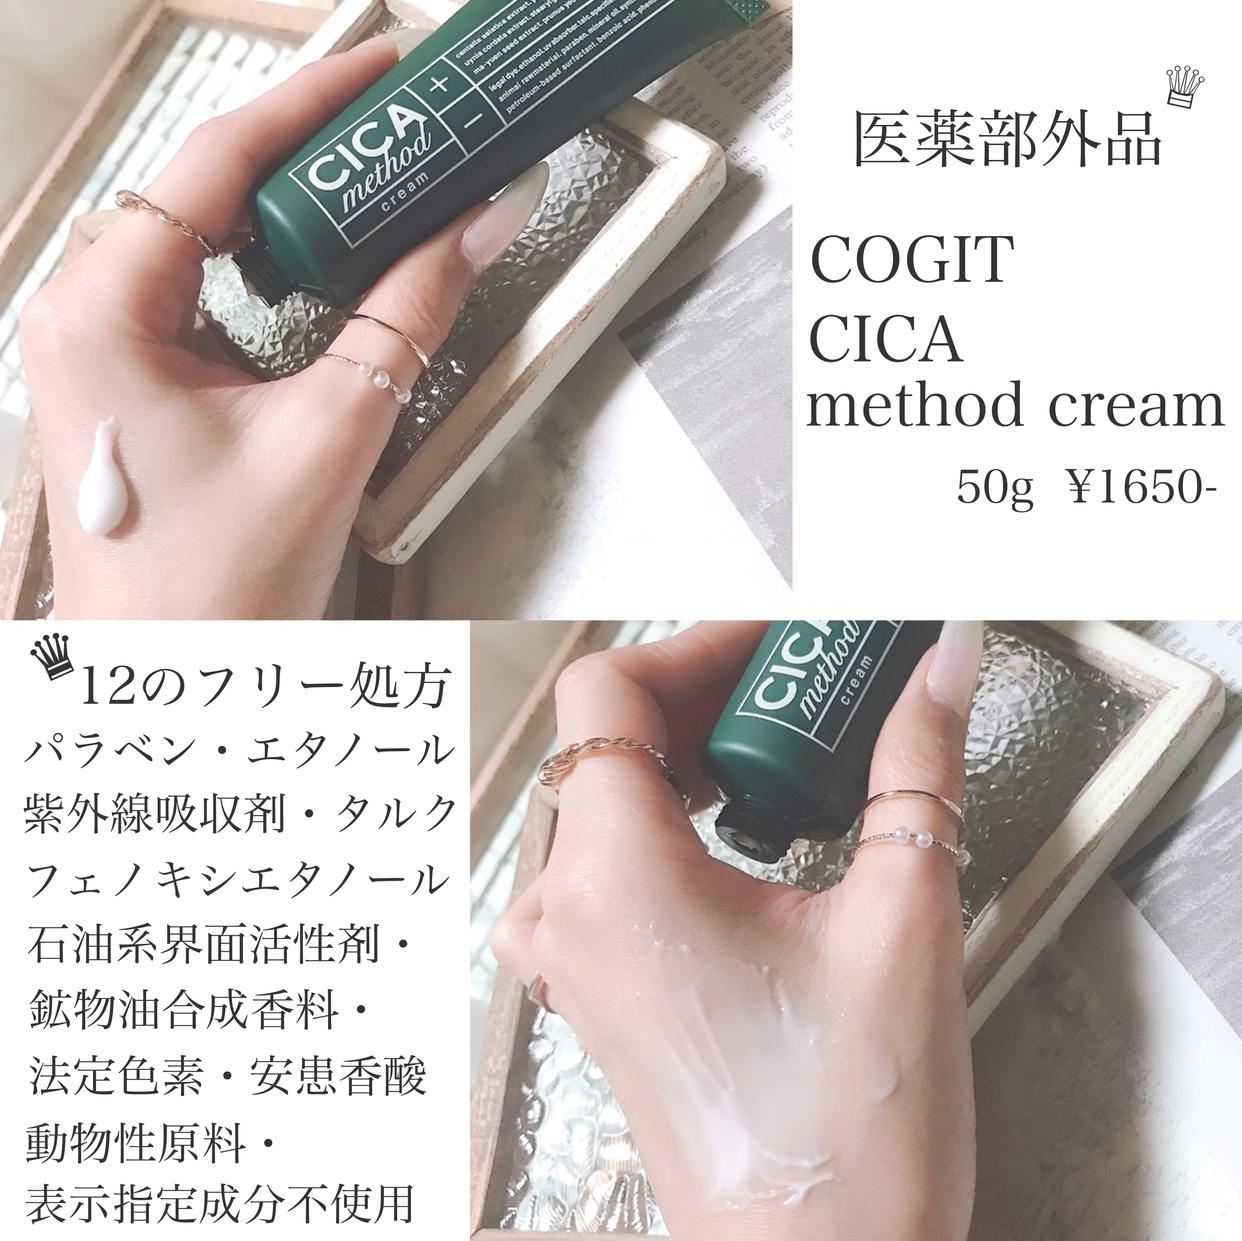 COGIT(コジット) シカ メソッド クリームを使ったshiroさんのクチコミ画像2